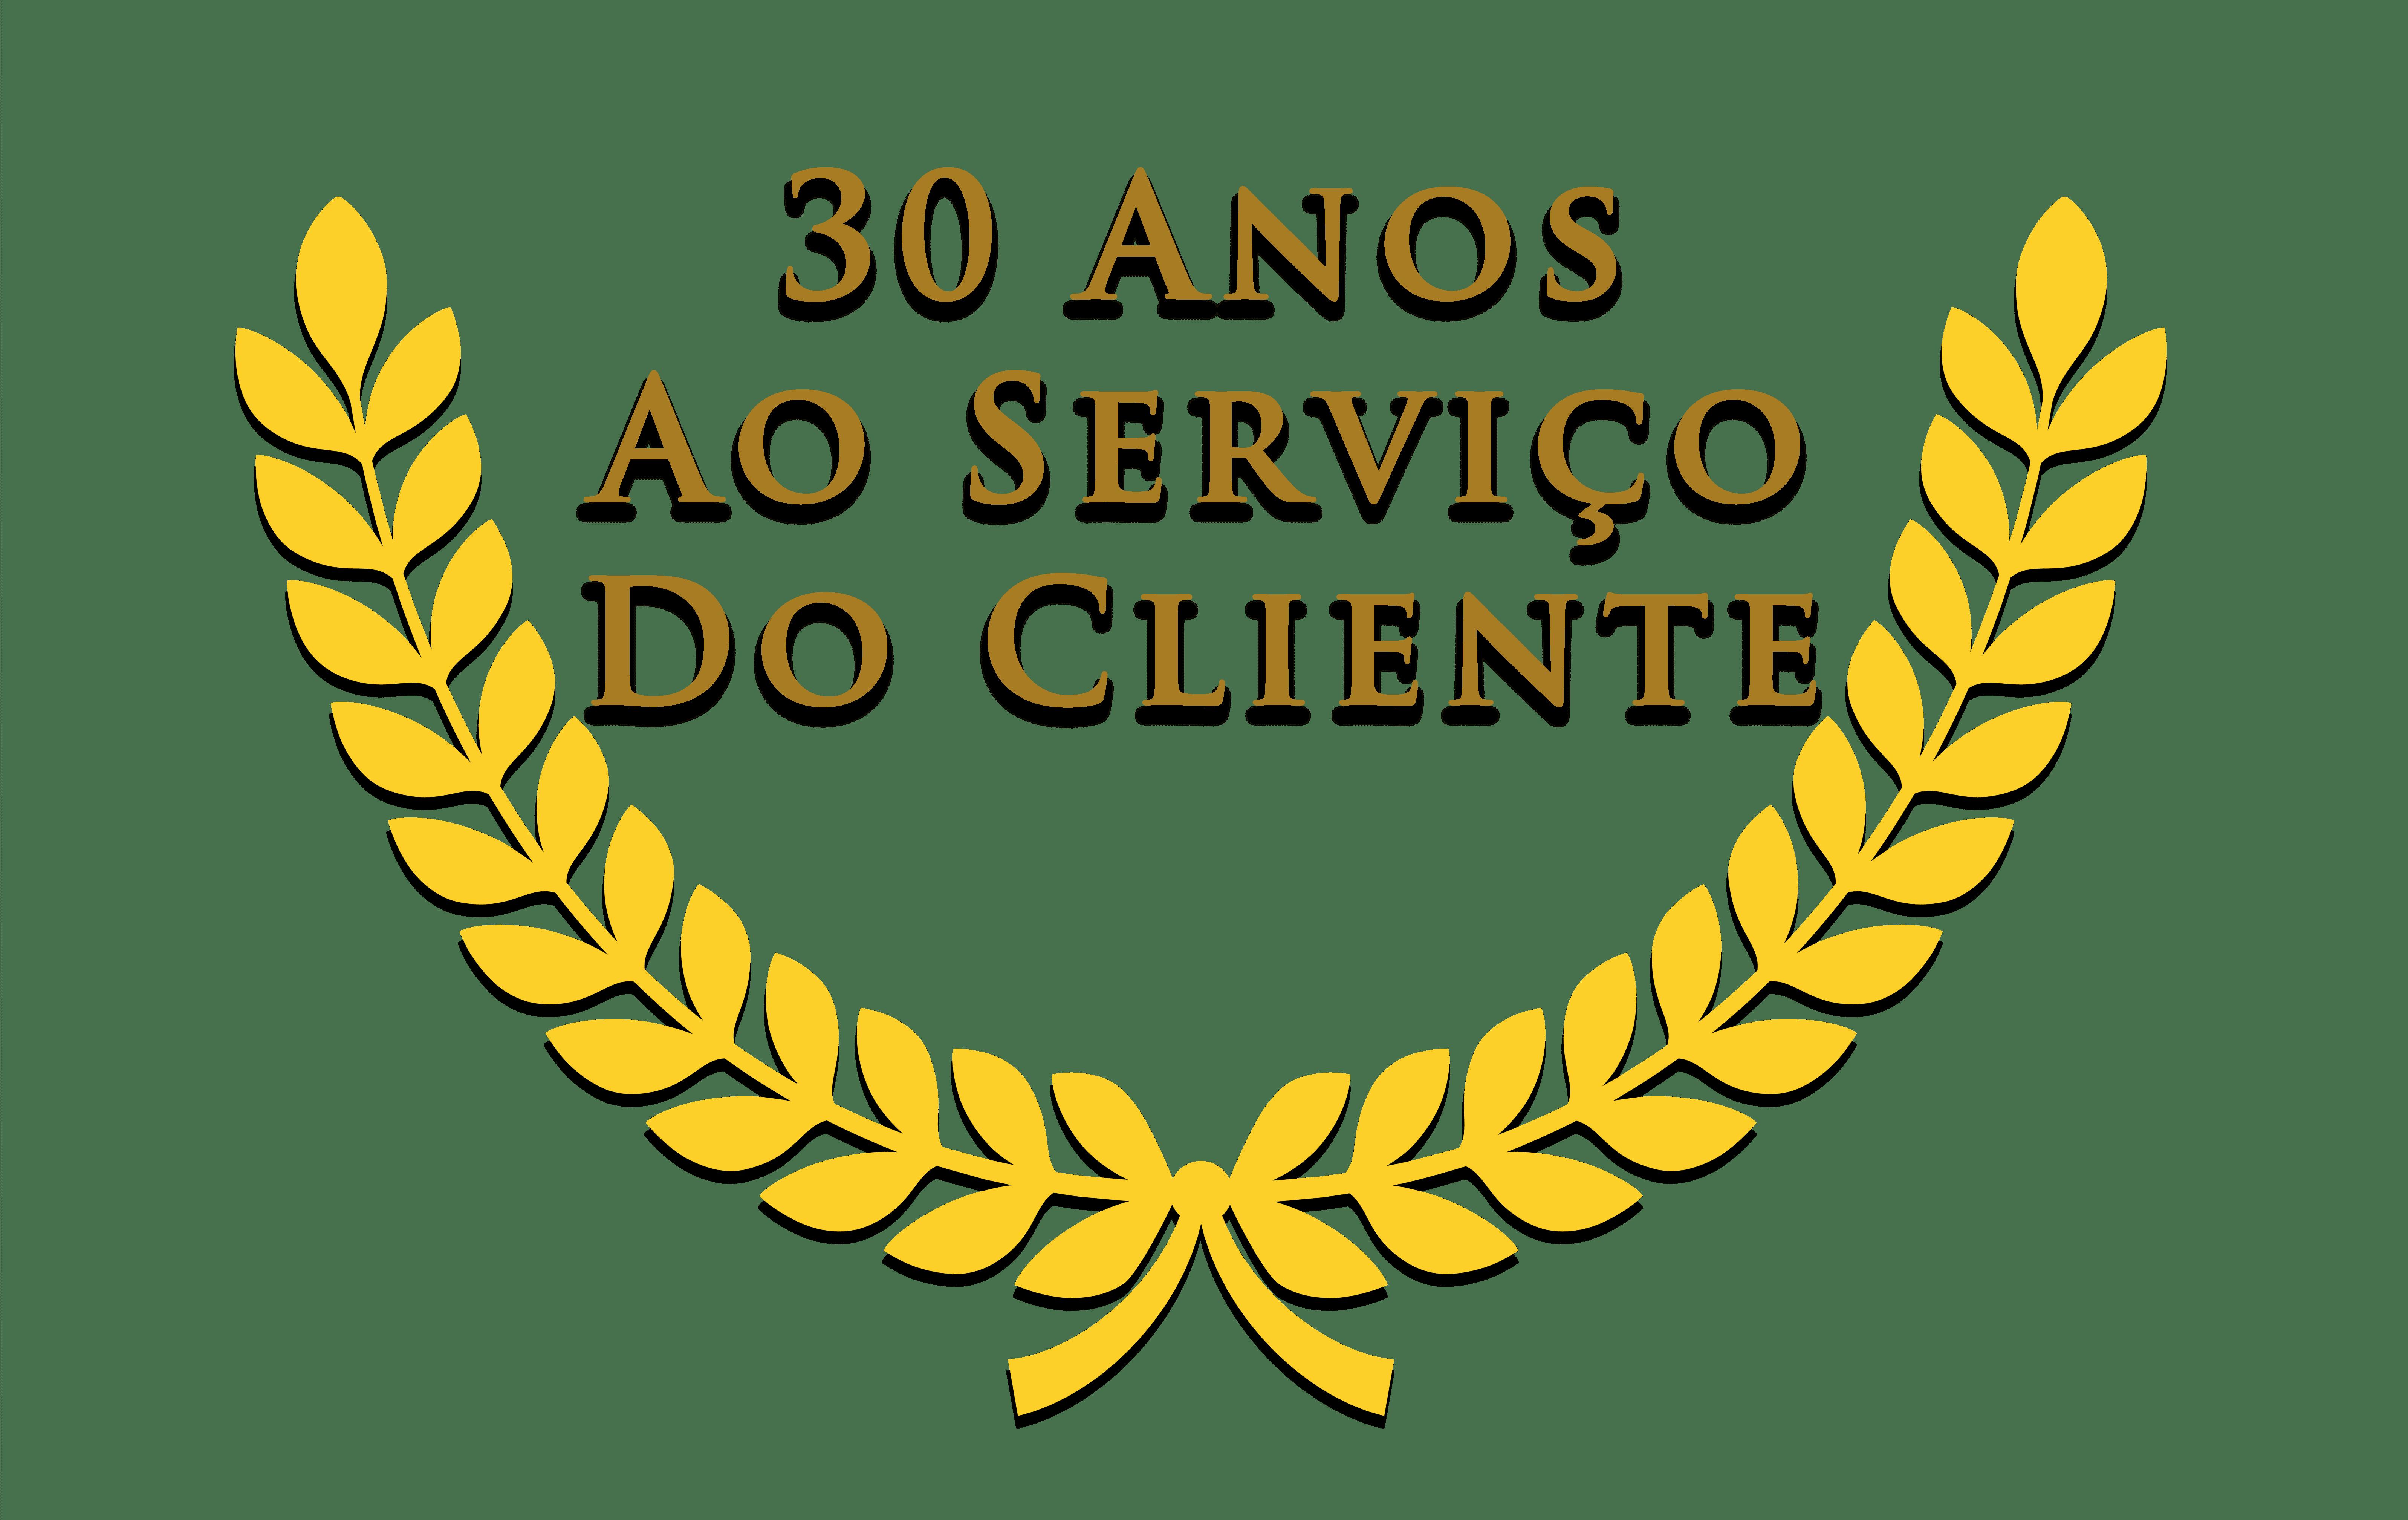 30 anos de serviço